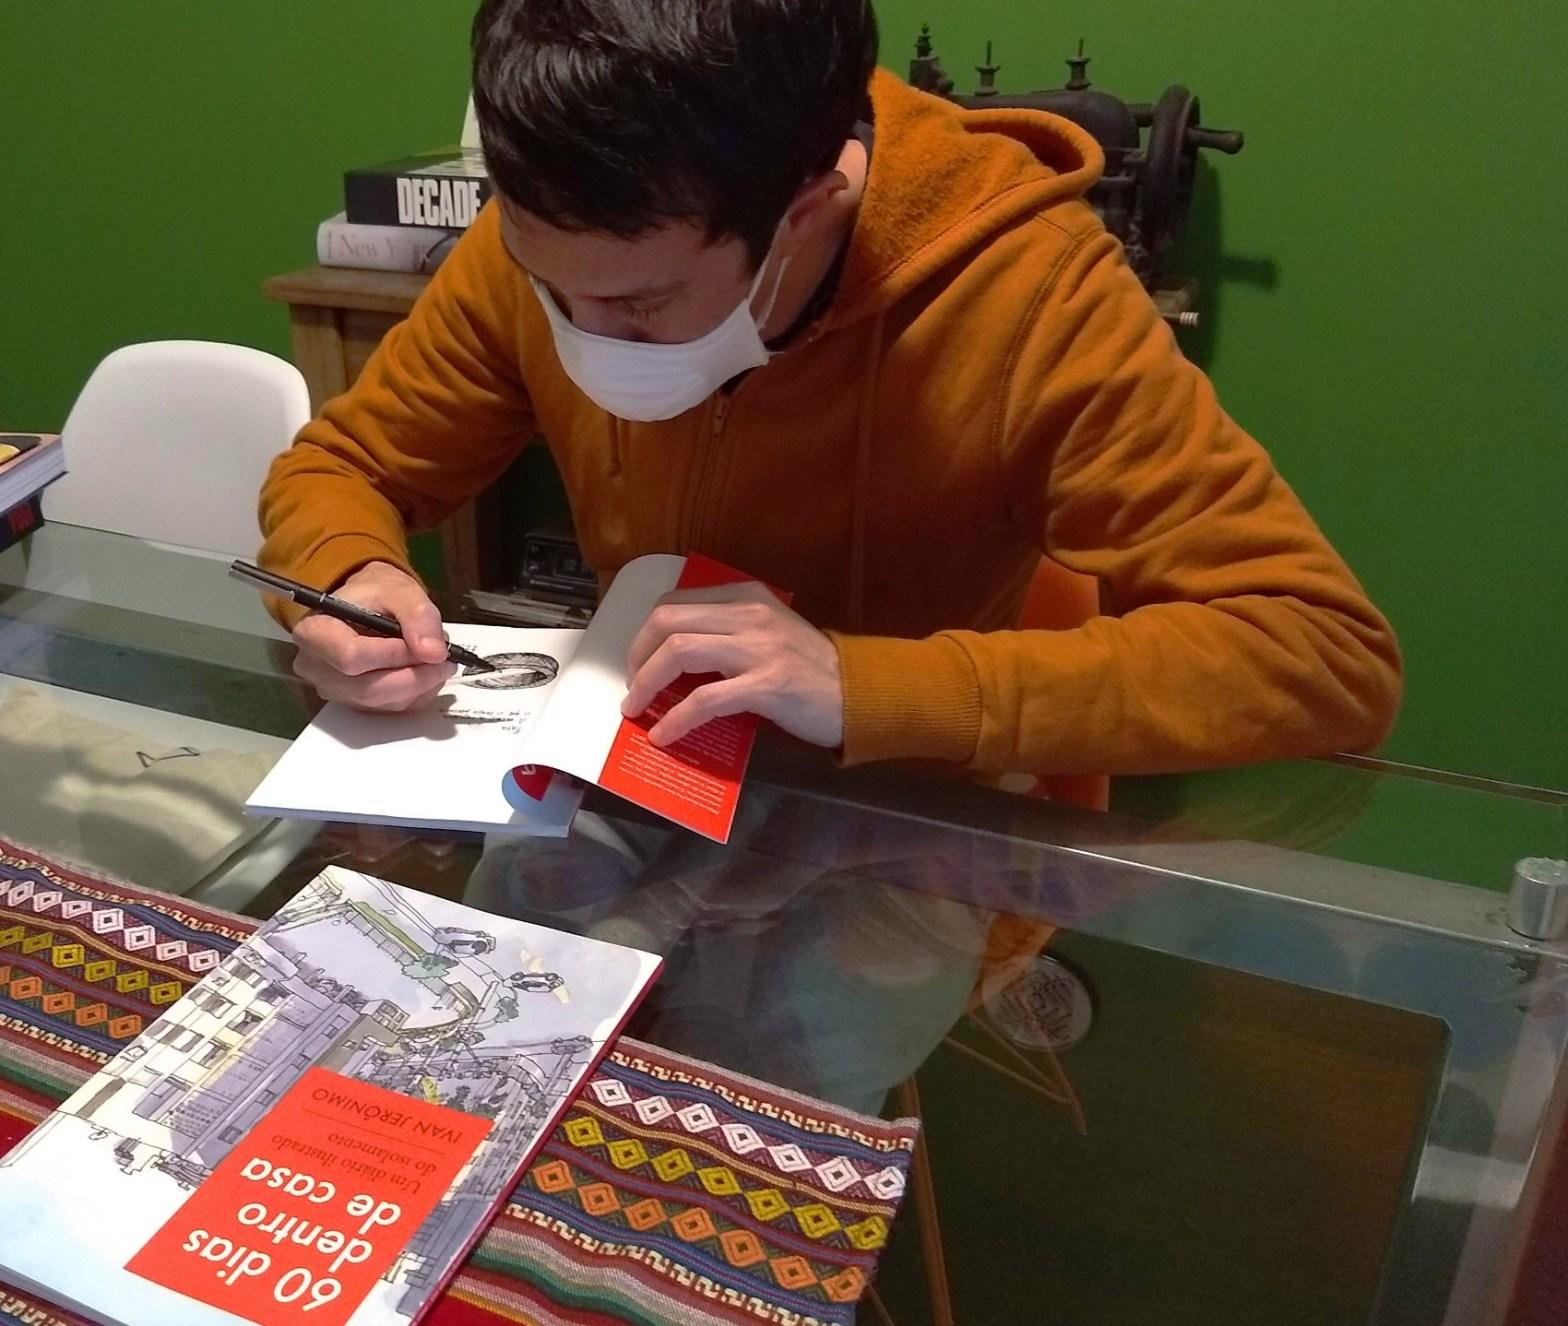 Autor de casaco ocre em uma mesa de vidro escrevendo a dedicatória em um livro aberto. À sua frente, outro livro fechado. Ao fundo, parede verde